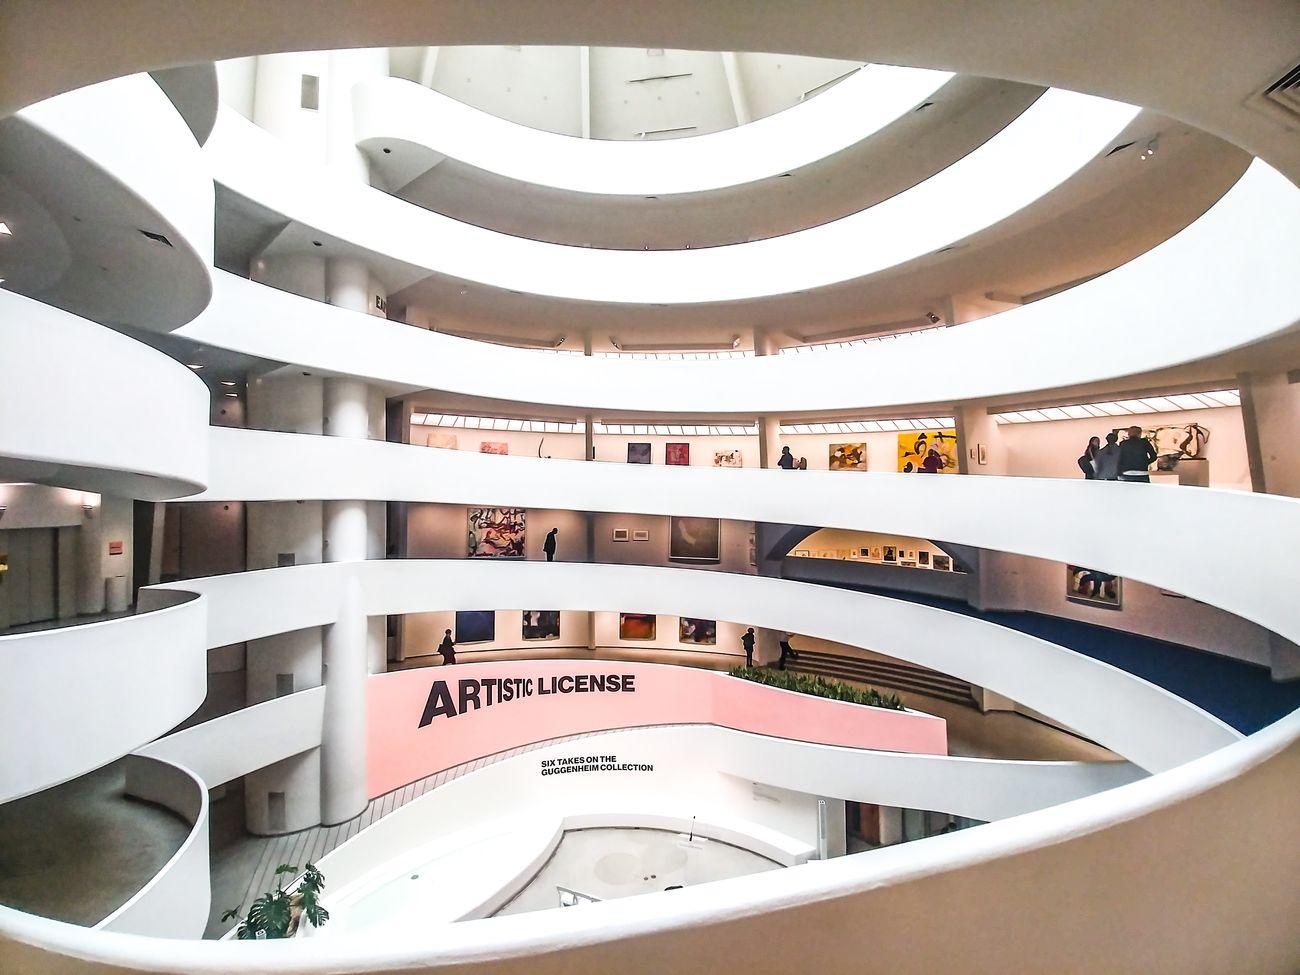 Visita i musei americani in modo virtuale